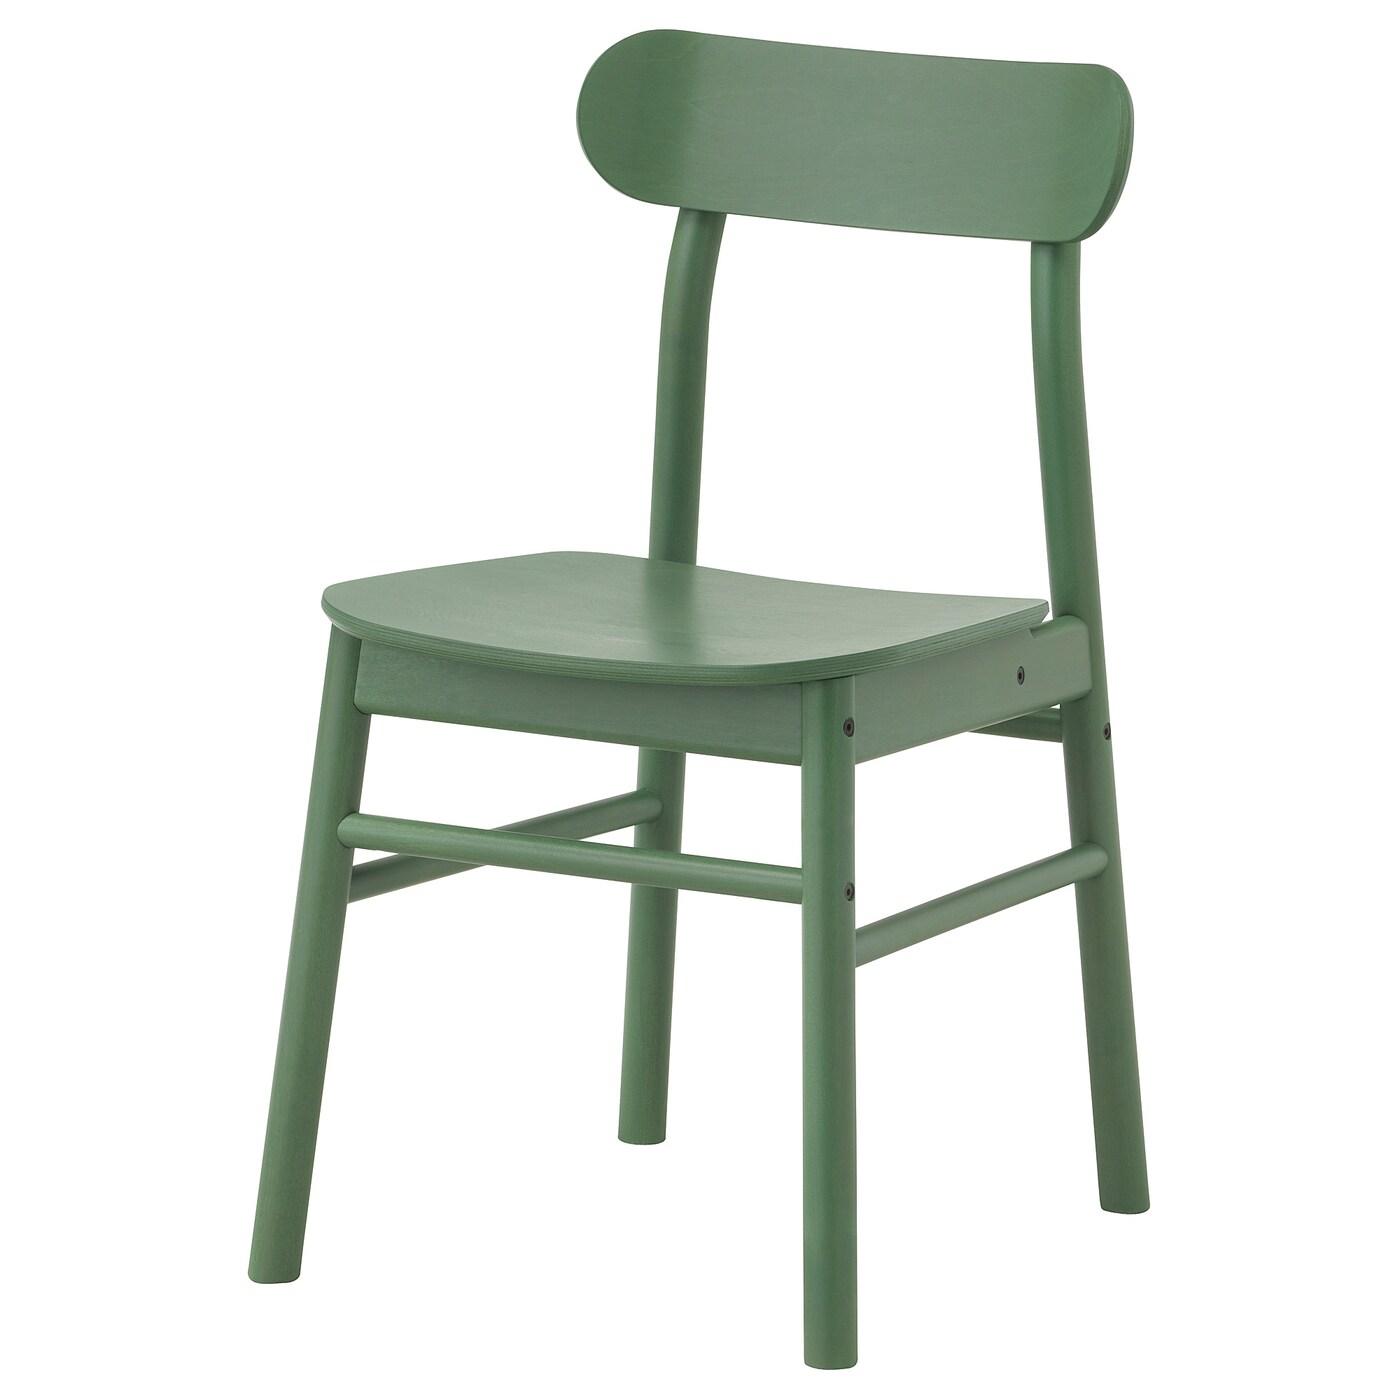 inge-chair-green__0642105_PE700897_S5